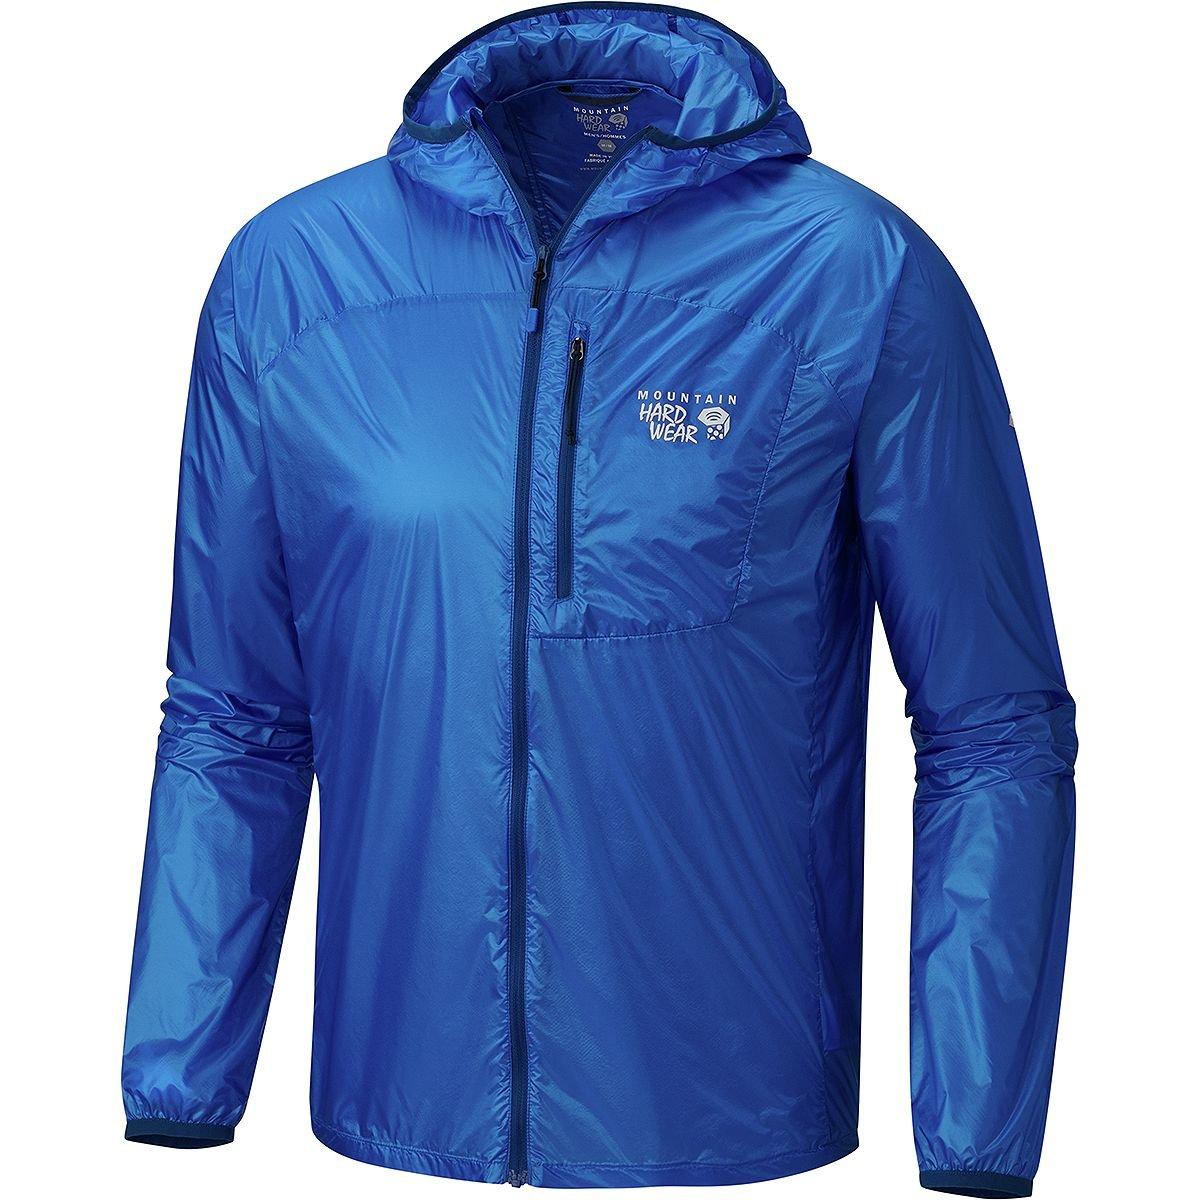 Mountain Hardwear Men's Ghost Lite Jacket, Altitude Blue, XL by Mountain Hardwear